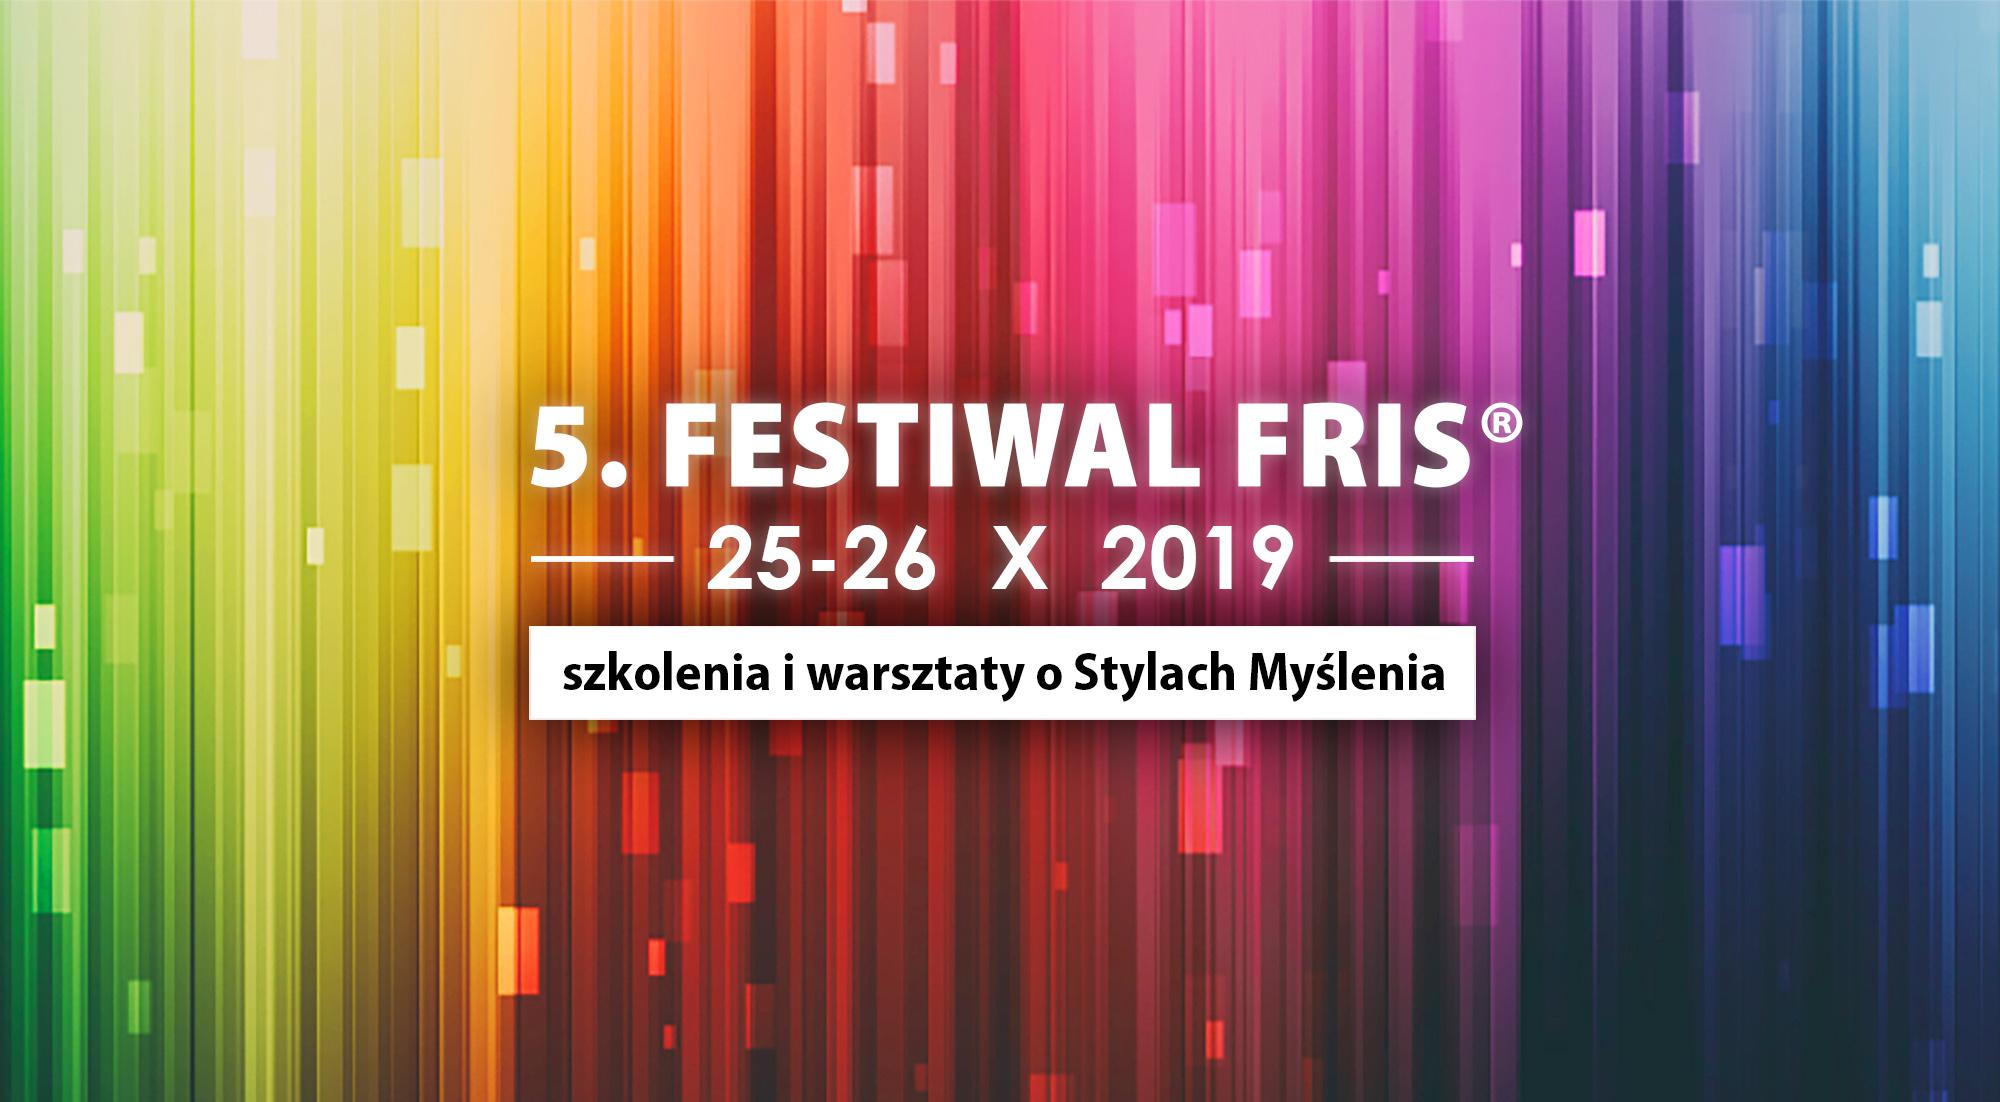 5 Festiwal FRIS – ogólnopolskie warsztaty i szkolenia o stylach myślenia i Twoim potencjale